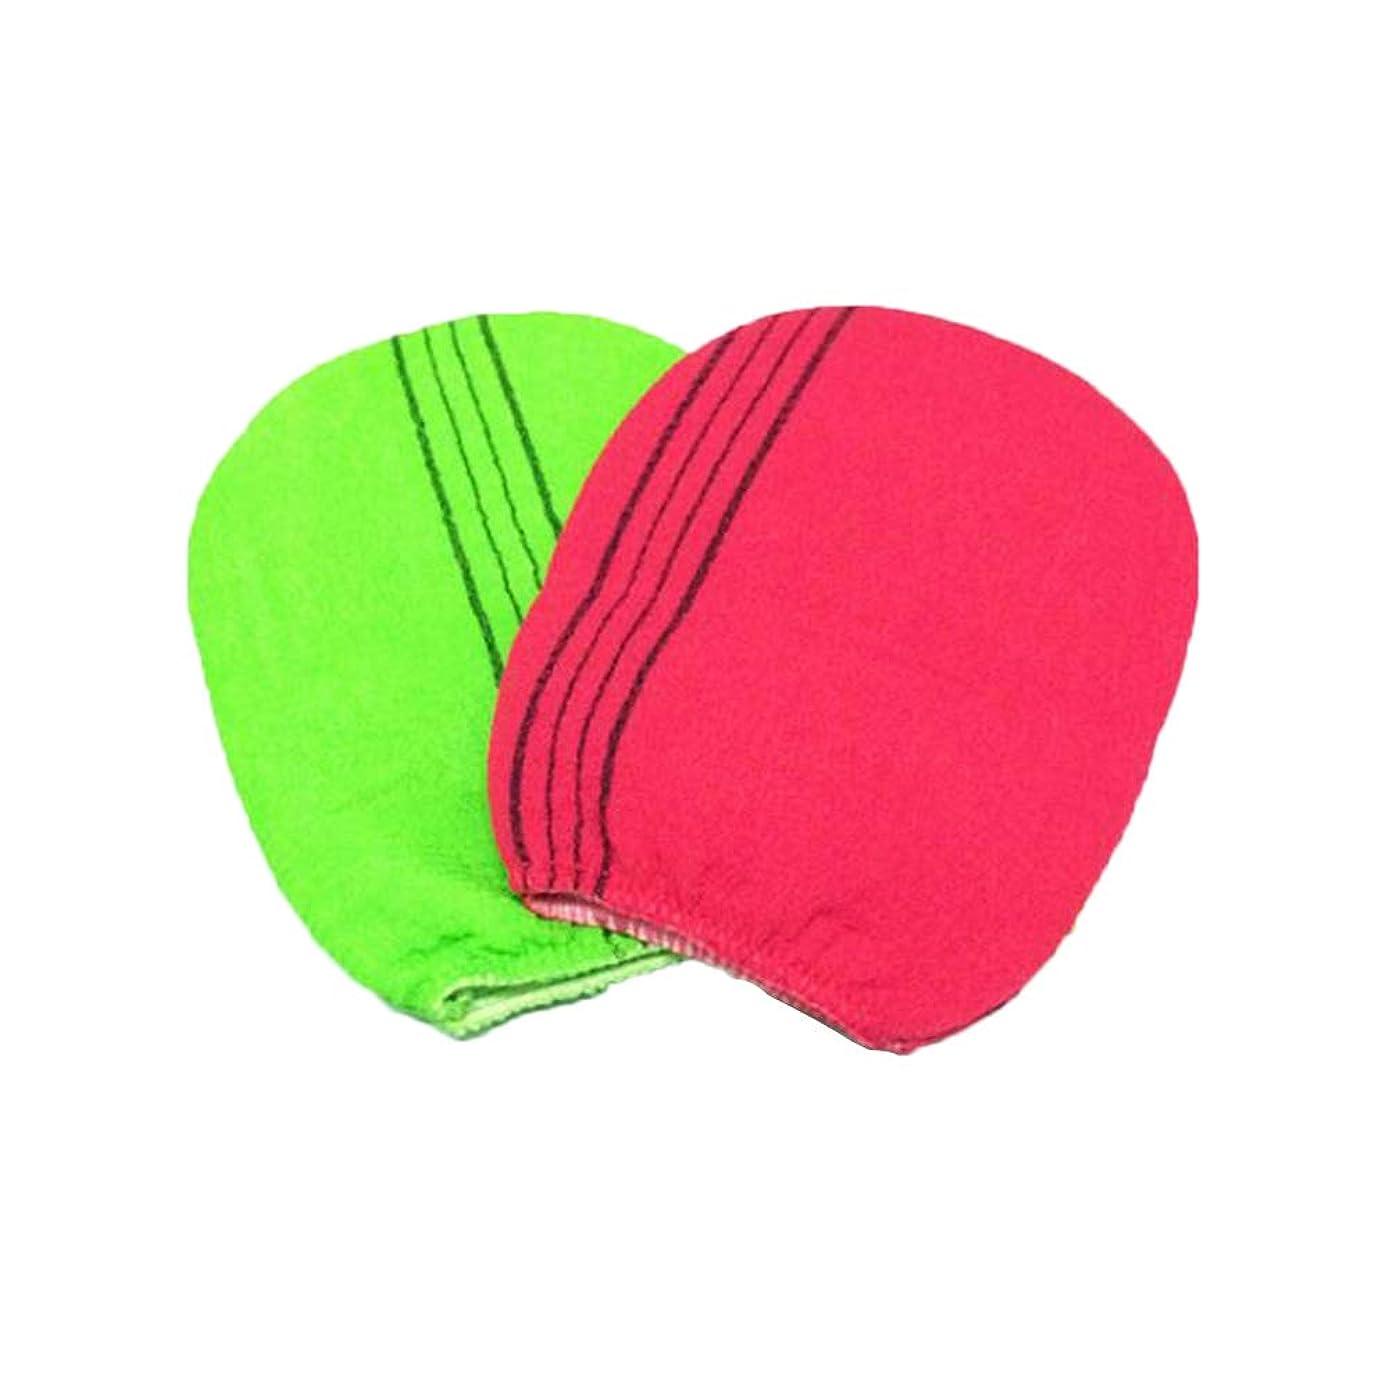 形状ティーンエイジャーつかまえるBeaupretty 2ピース入浴手袋風呂ミットラビング手袋剥離手袋シャワーバスタオル(ランダムカラー)